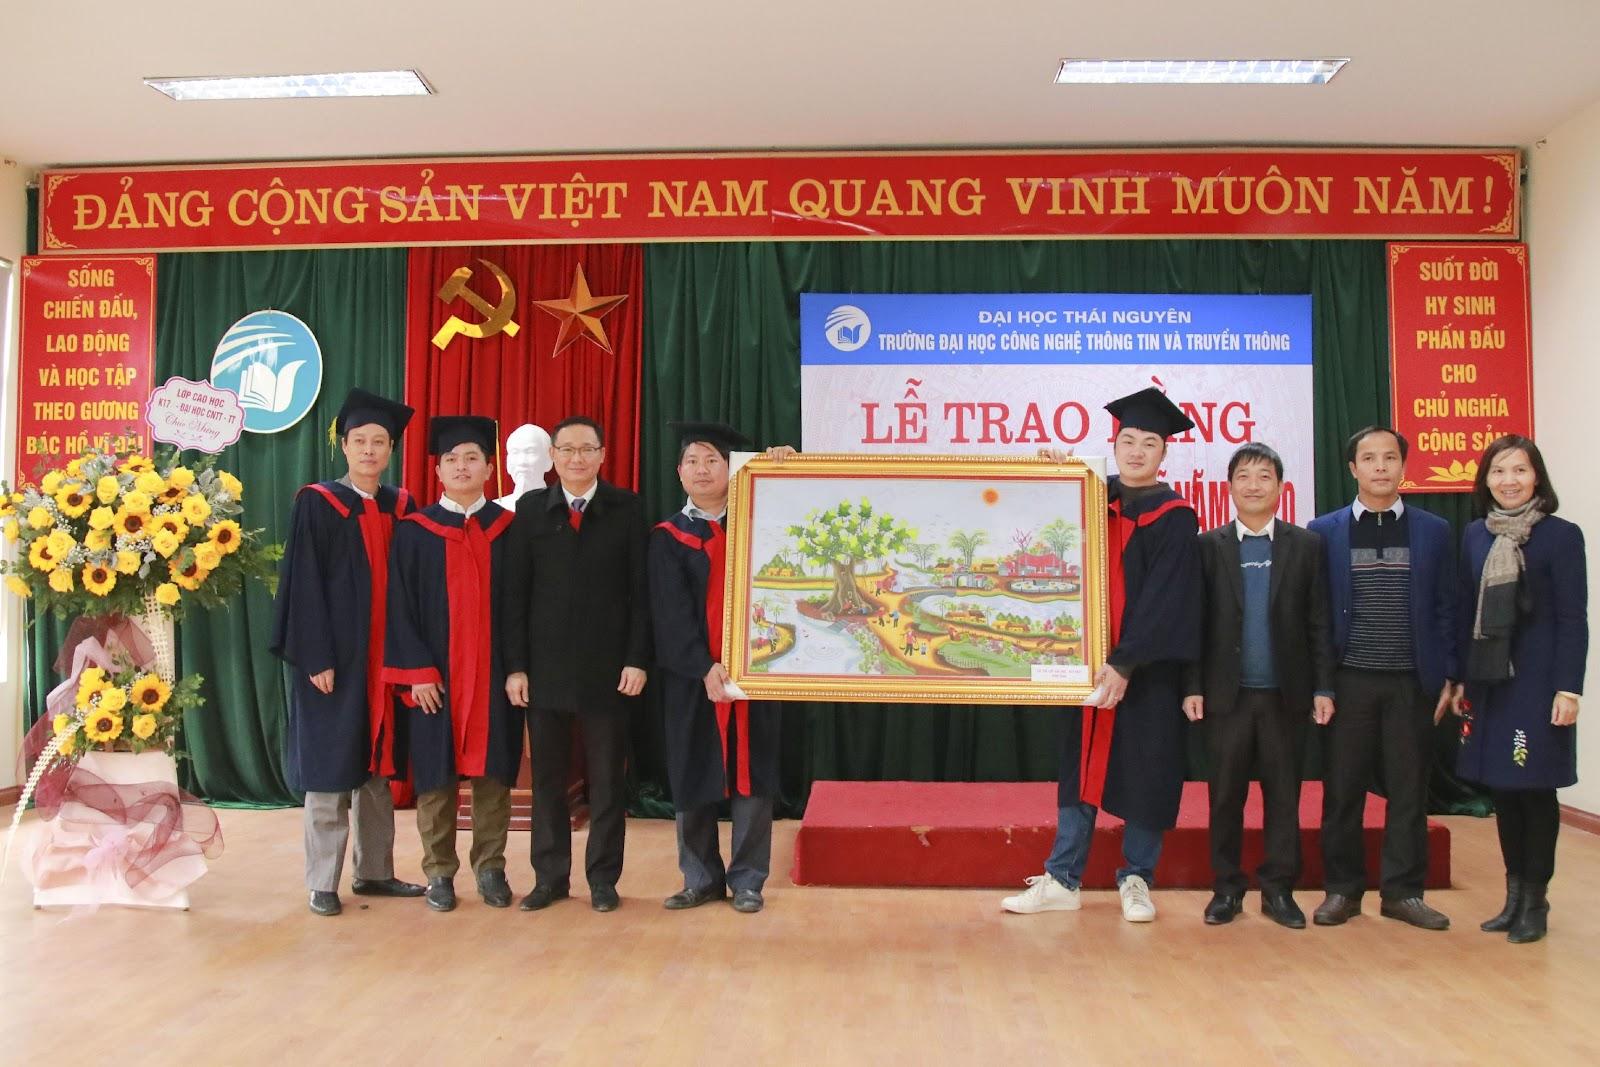 Đại diện Tân tiến sĩ, Tân thạc sĩ tặng quà lưu niệm cho nhà trường